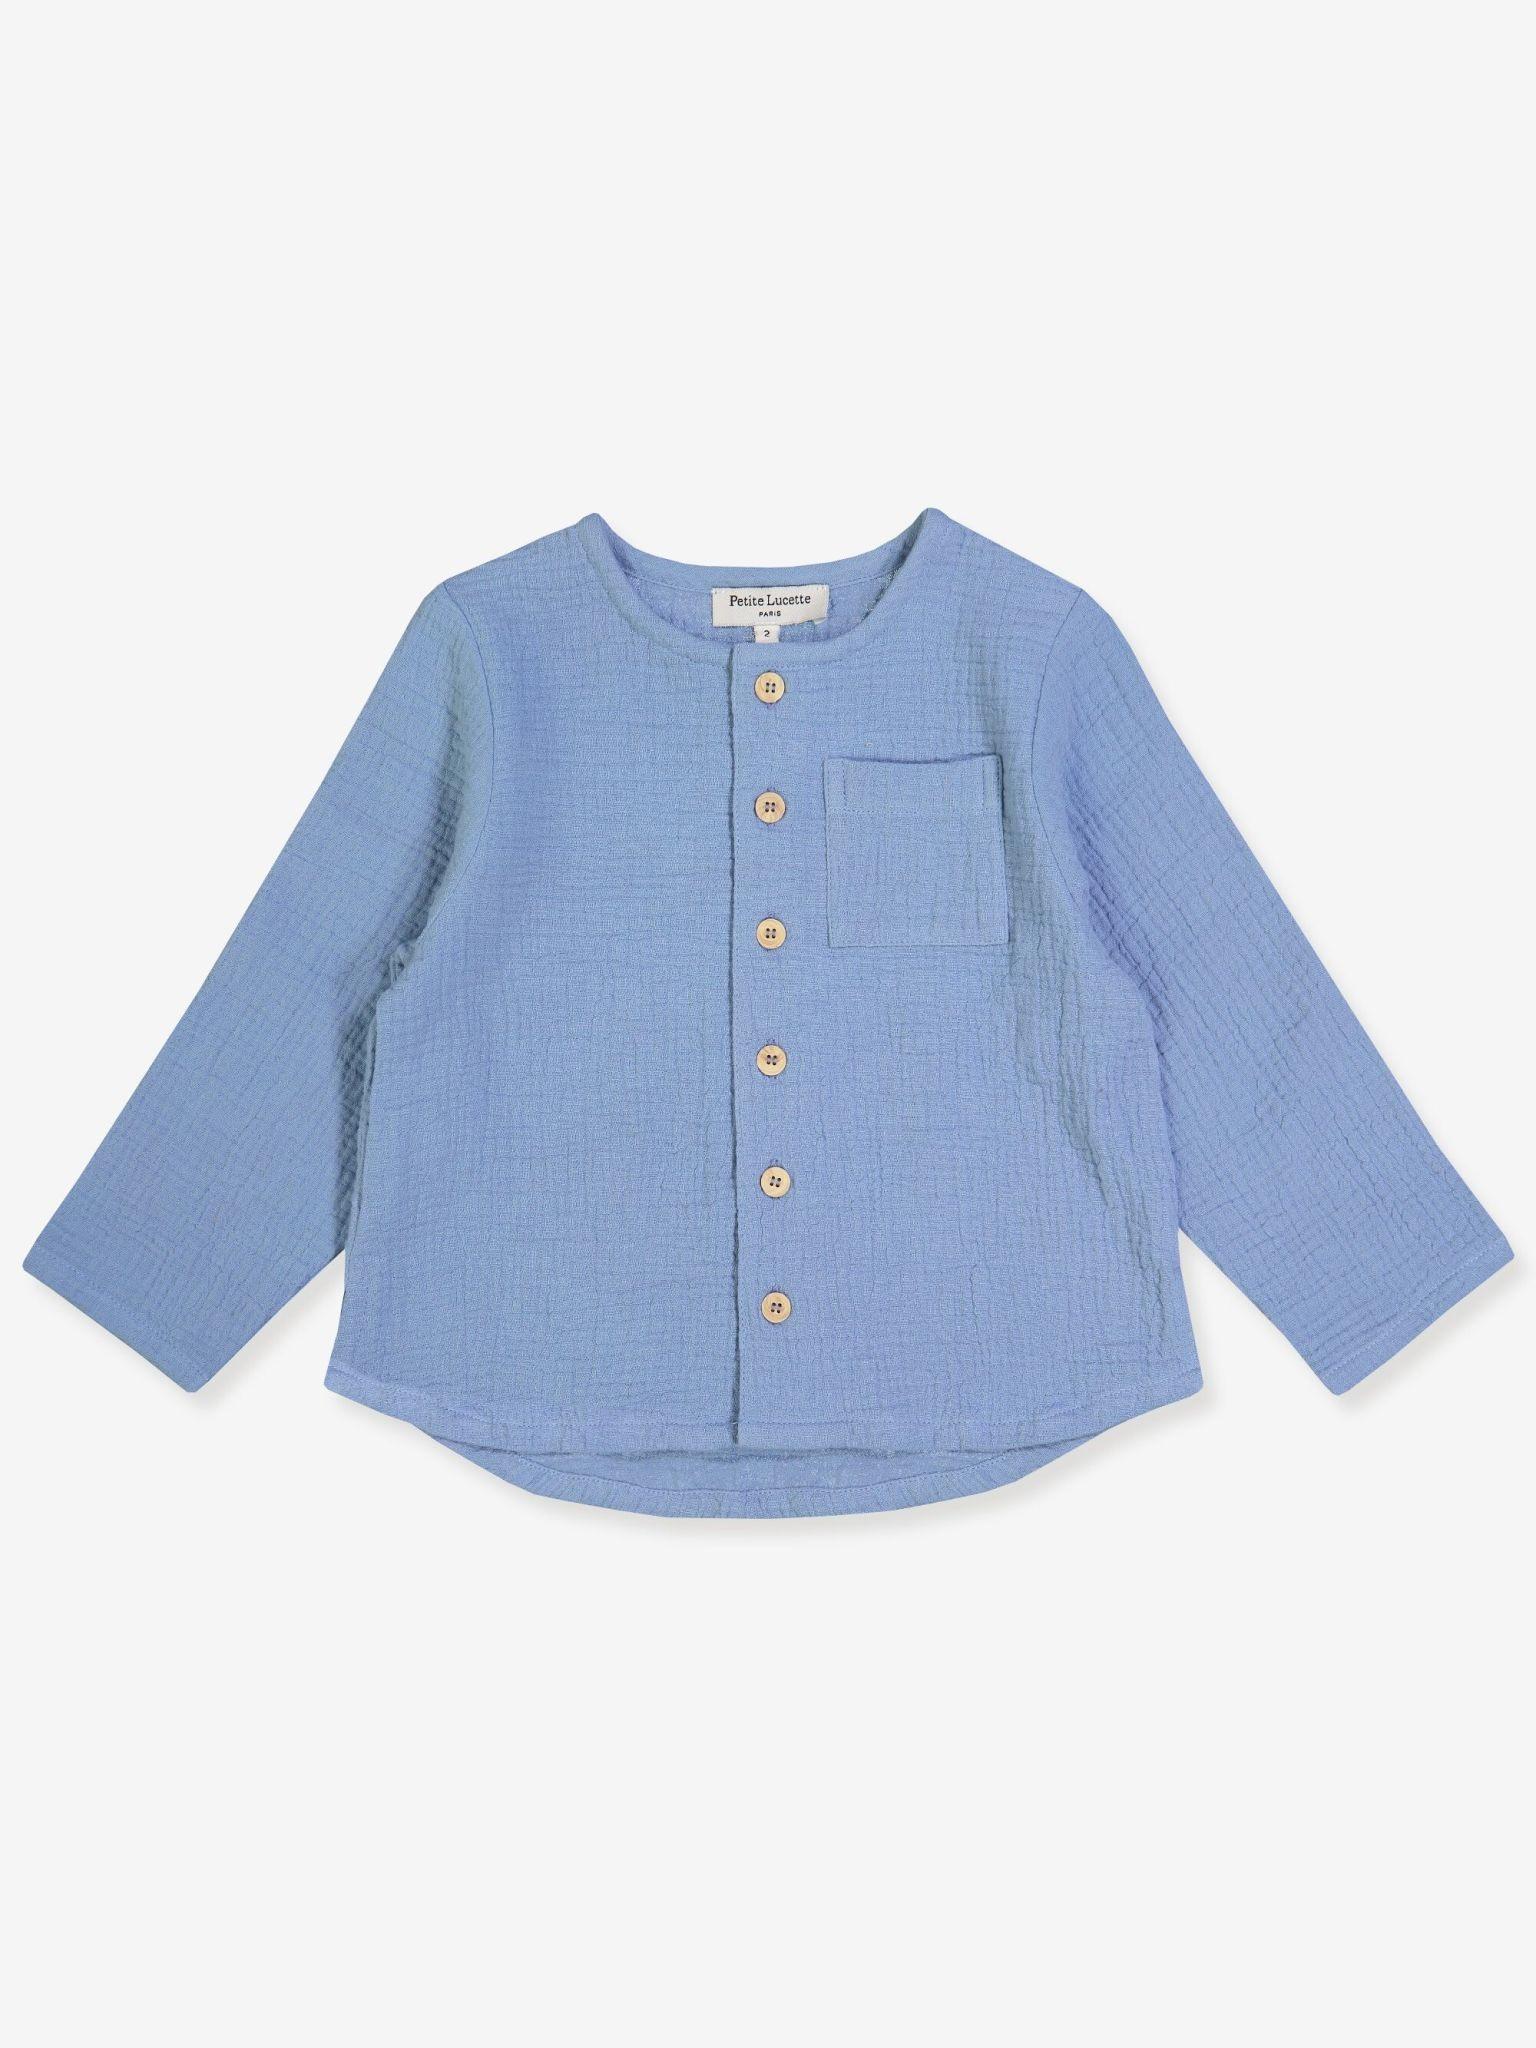 Petite Lucette Gaston Top Blue